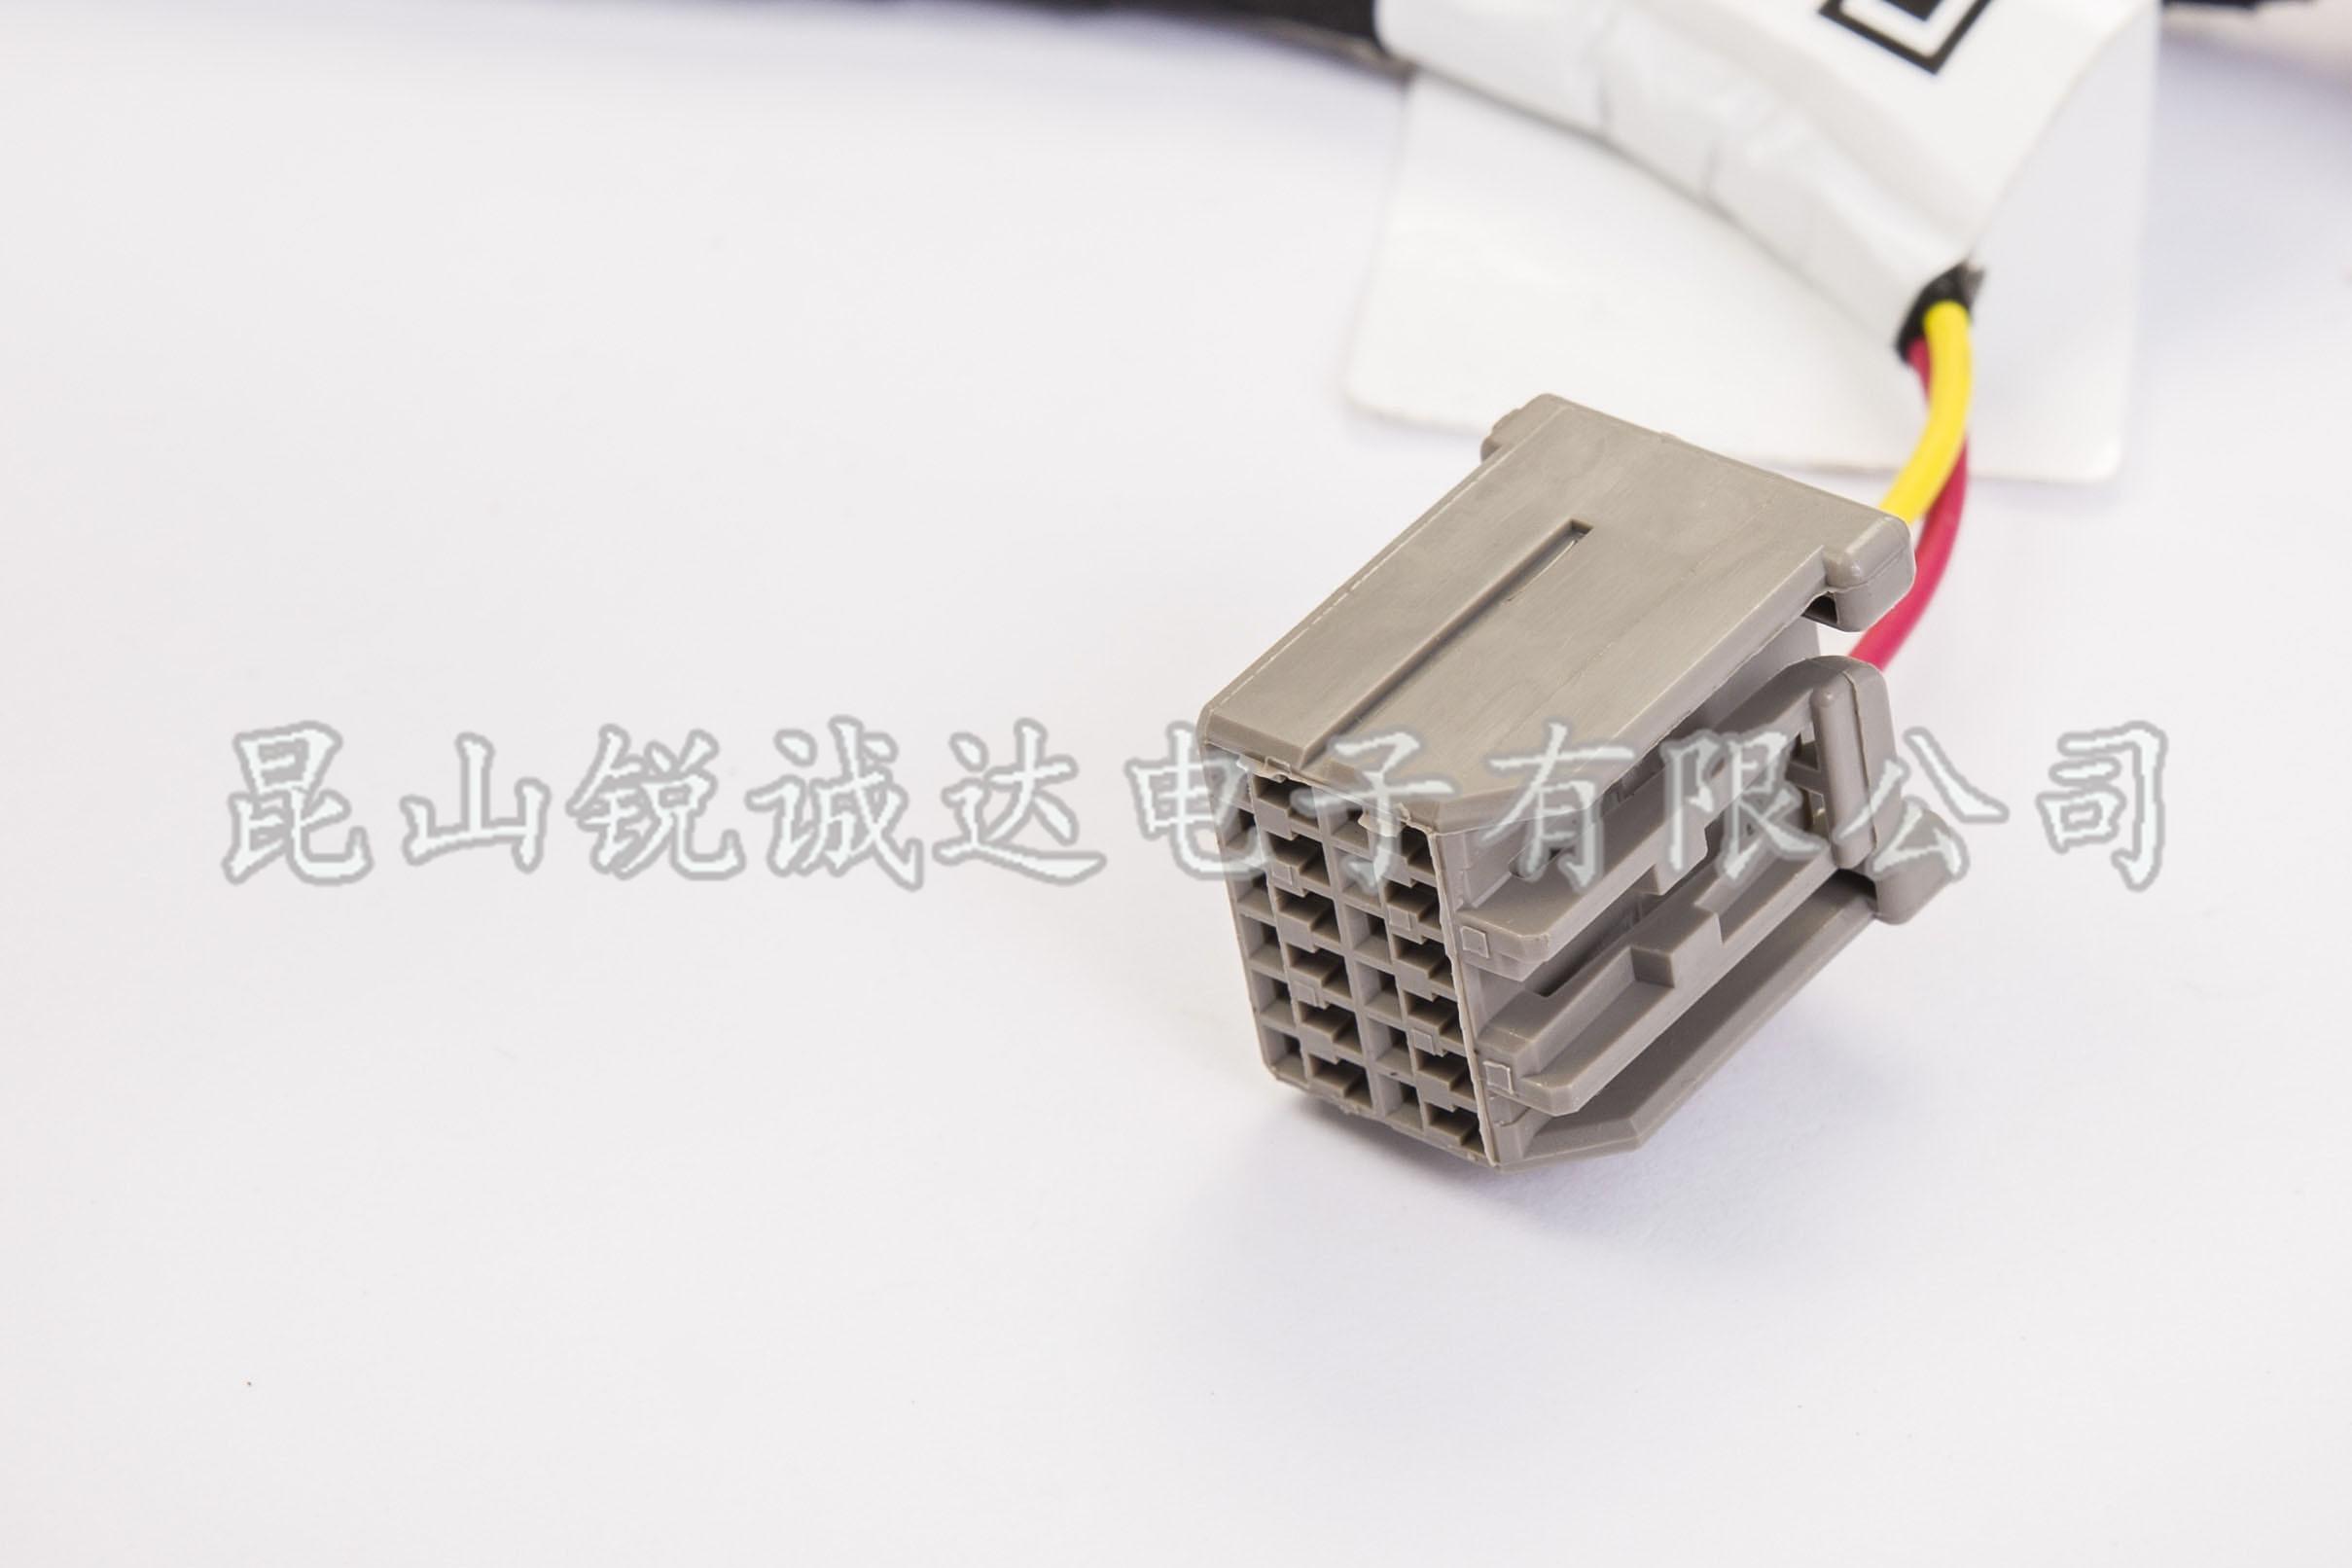 江苏高质量控制器线束,控制器线束